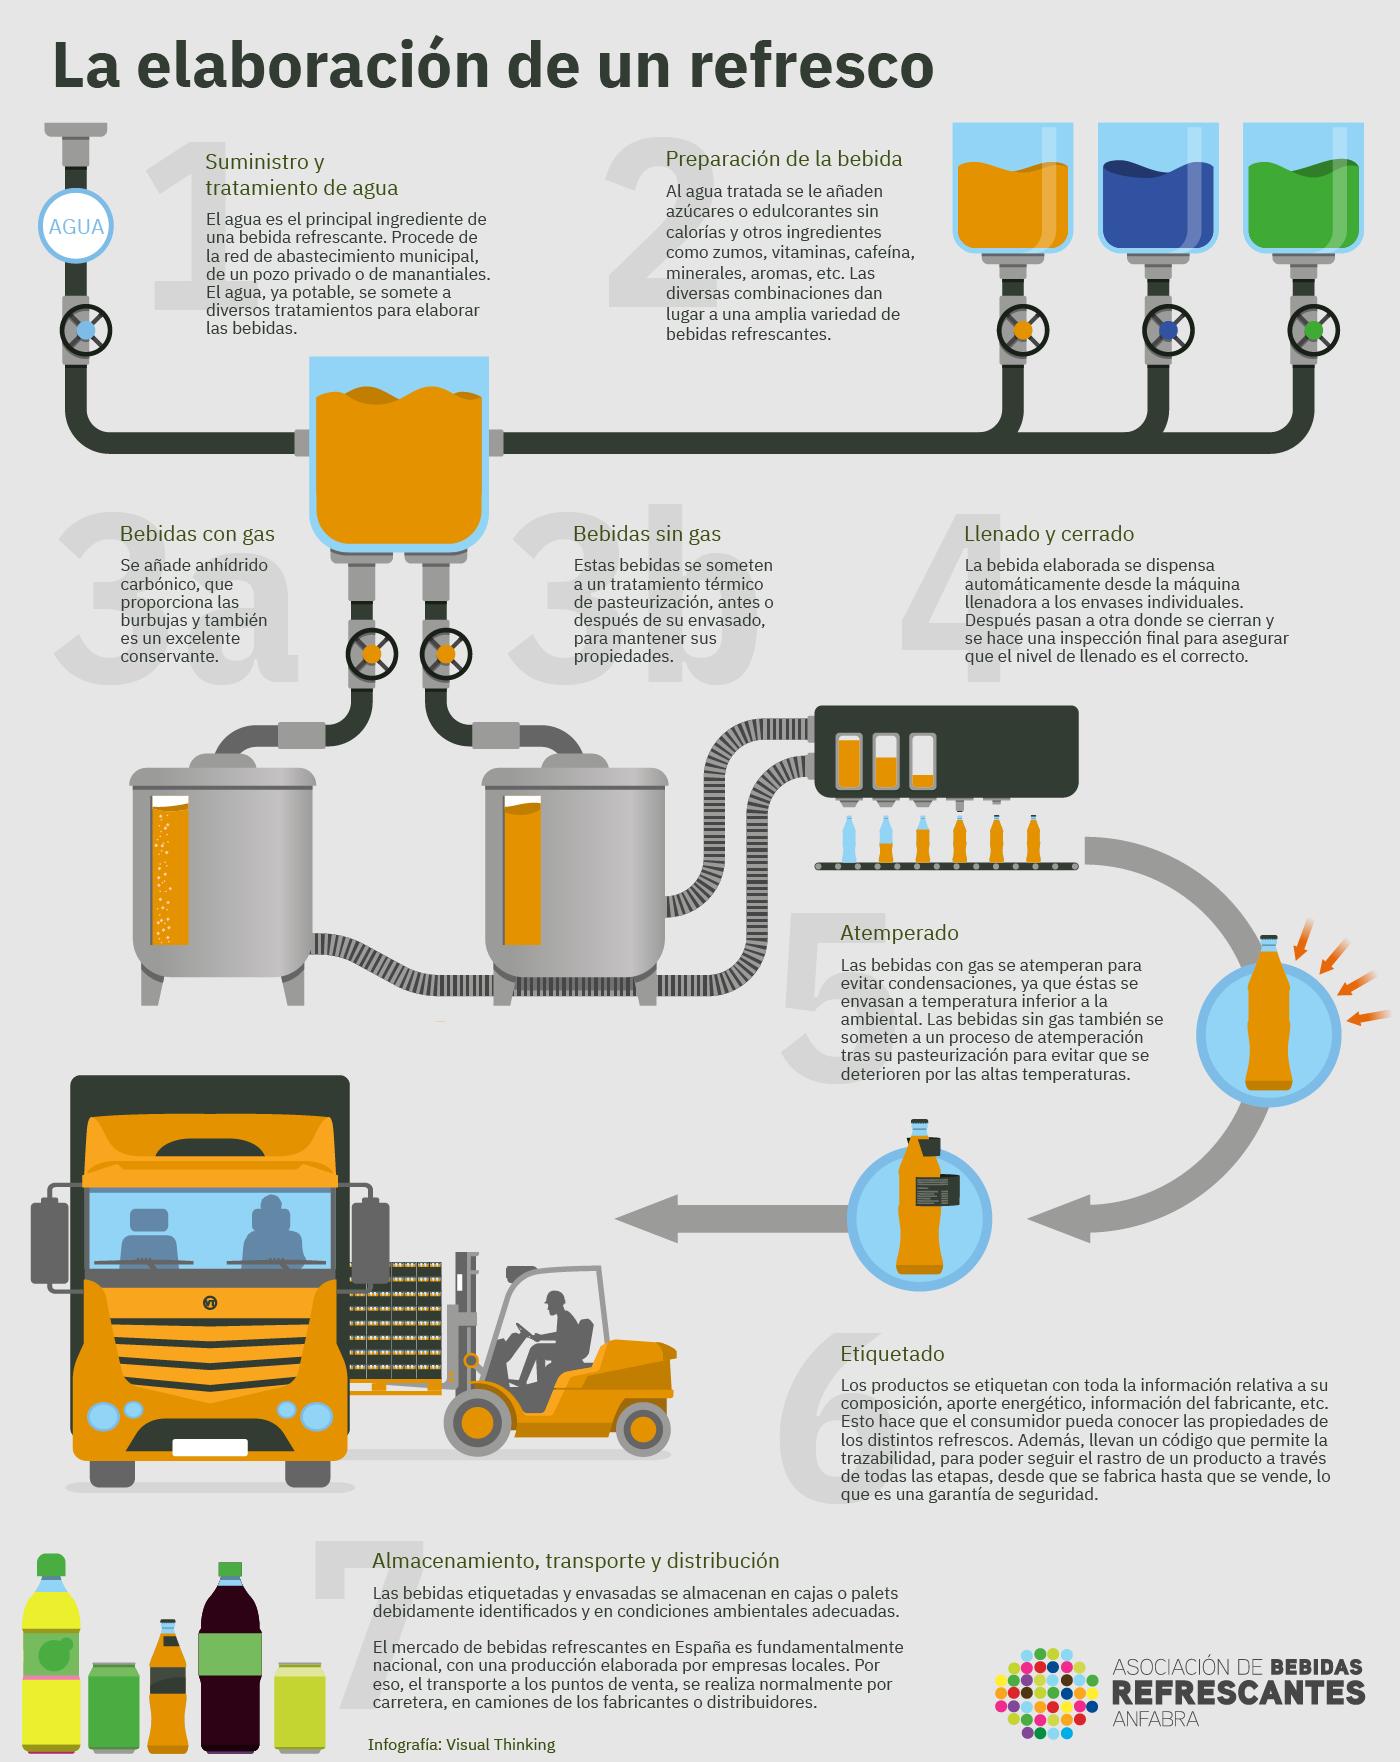 La elaboración de un refresco. infografia